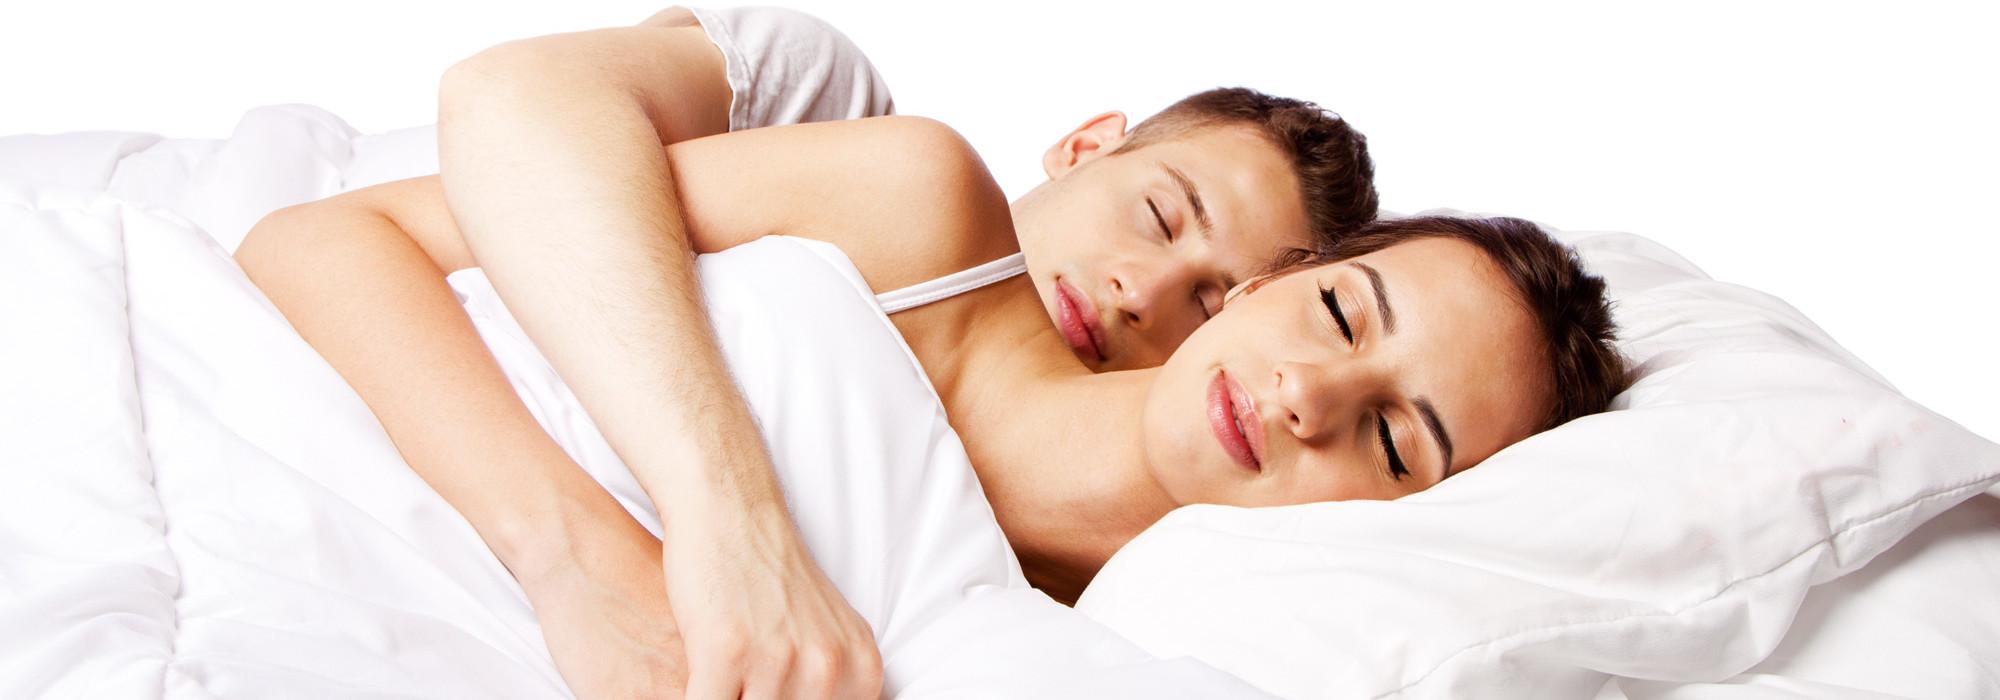 disturbi del sonno roma centro